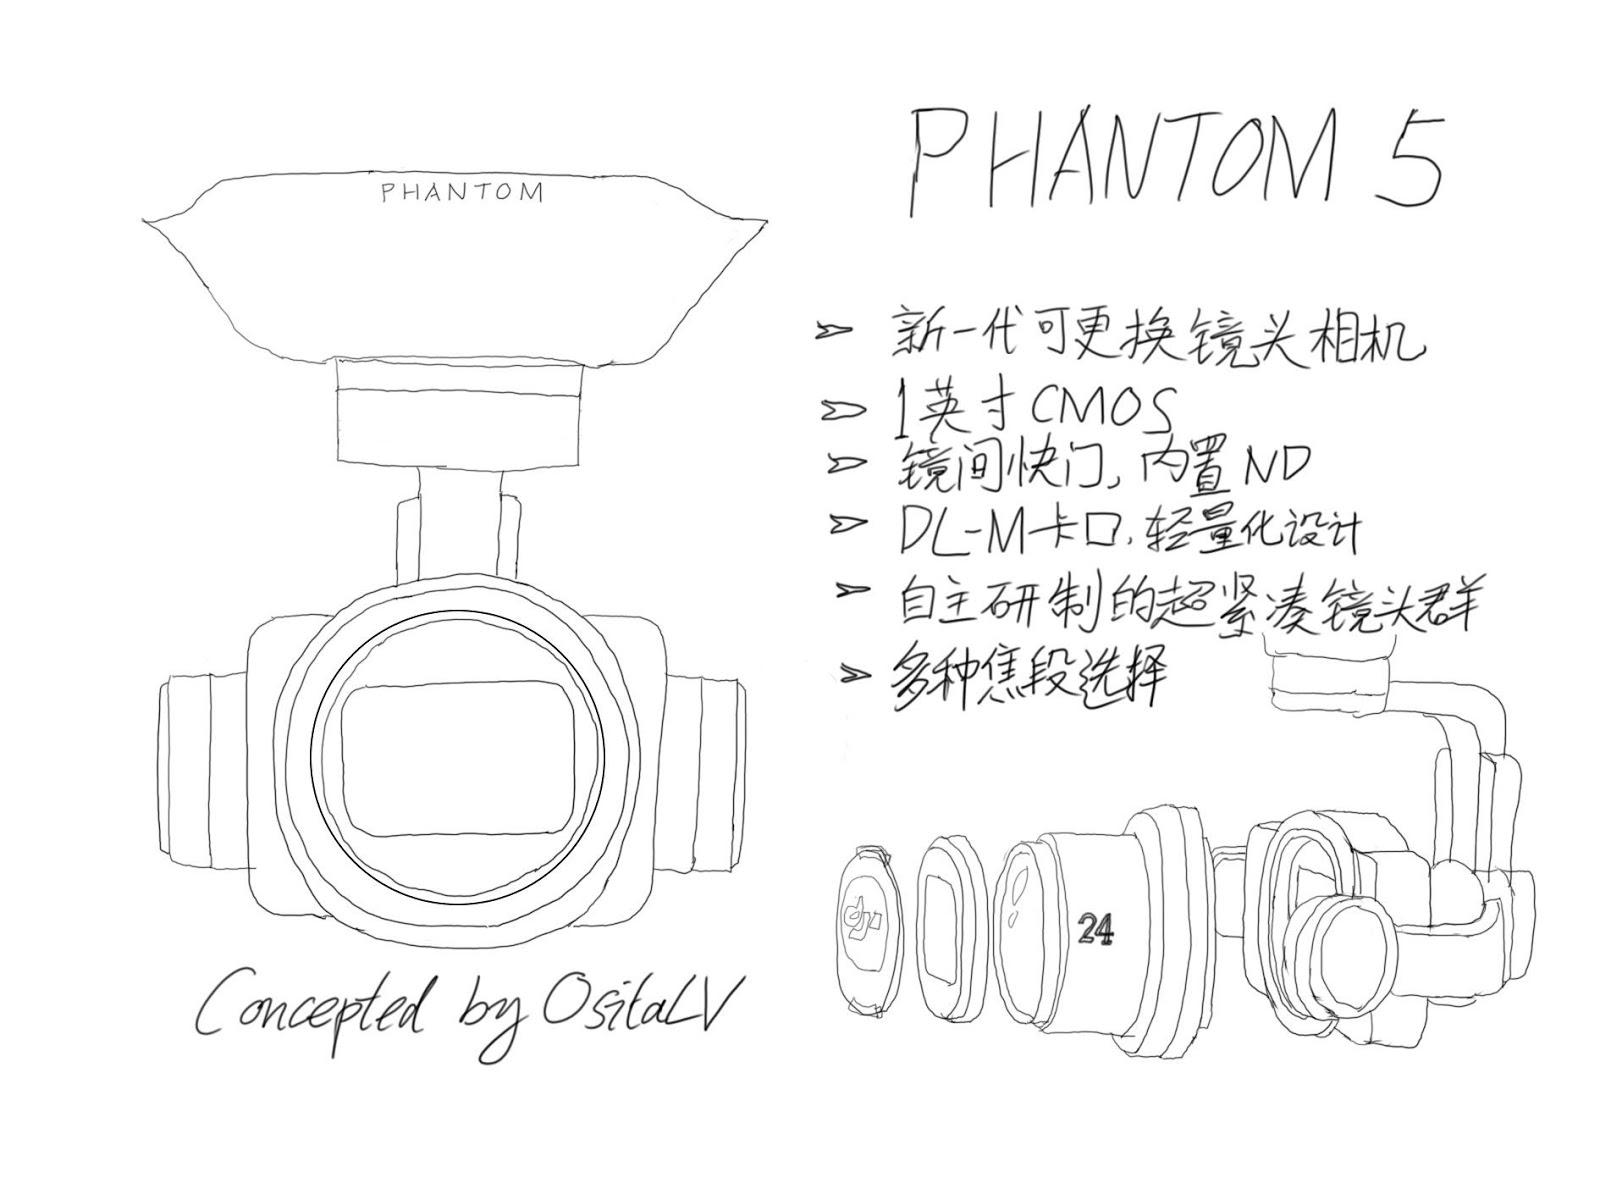 Камера DJI Phantom 5 со сменной оптикой